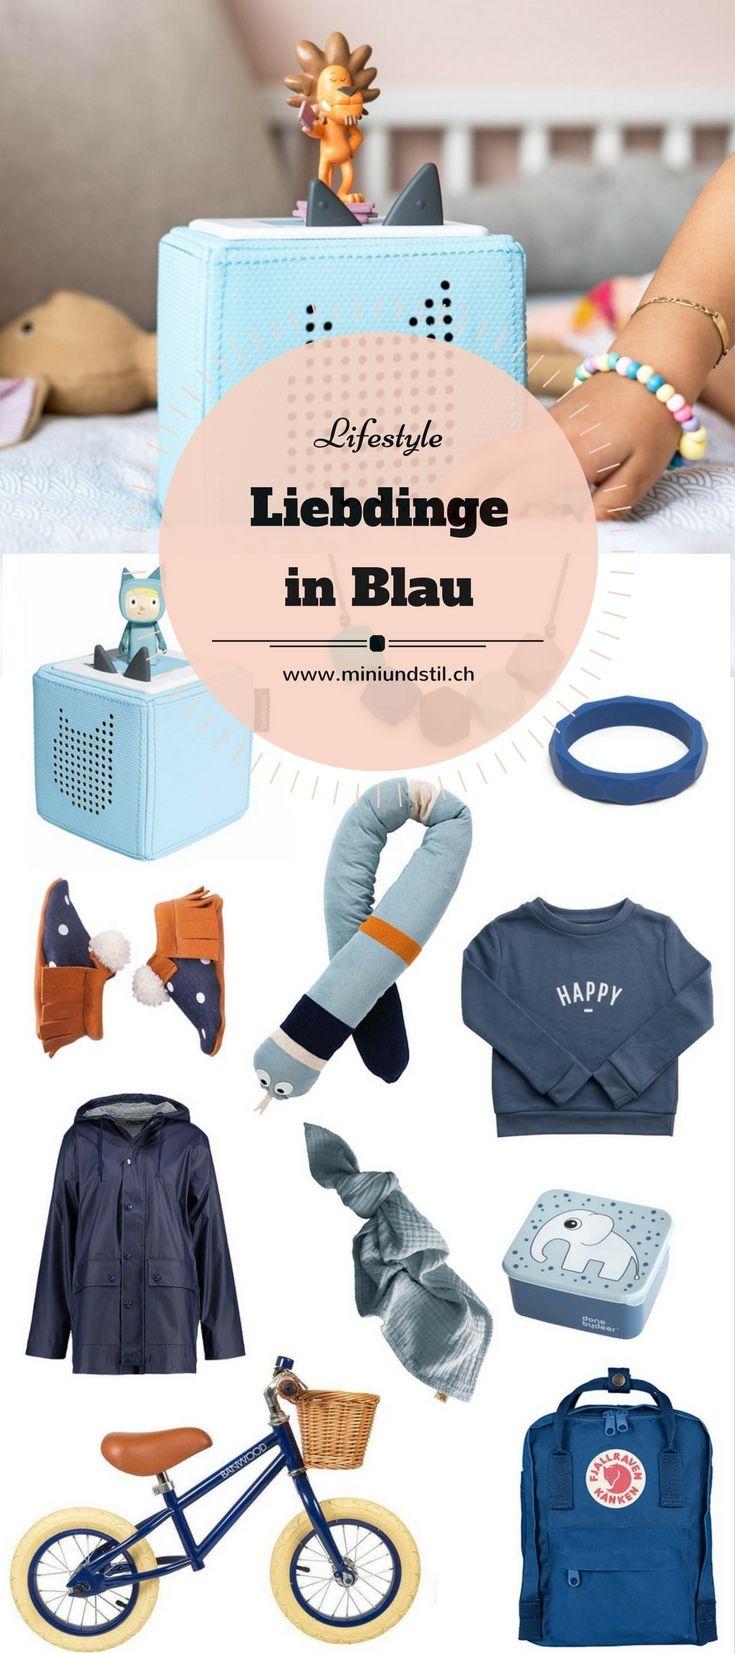 Schöne Dinge in Blau // Für Kinder zum Spielen, Anziehen und Kuscheln. Meine Favoriten: Die Toniebox und das Banwood Bike! www.miniundstil.ch